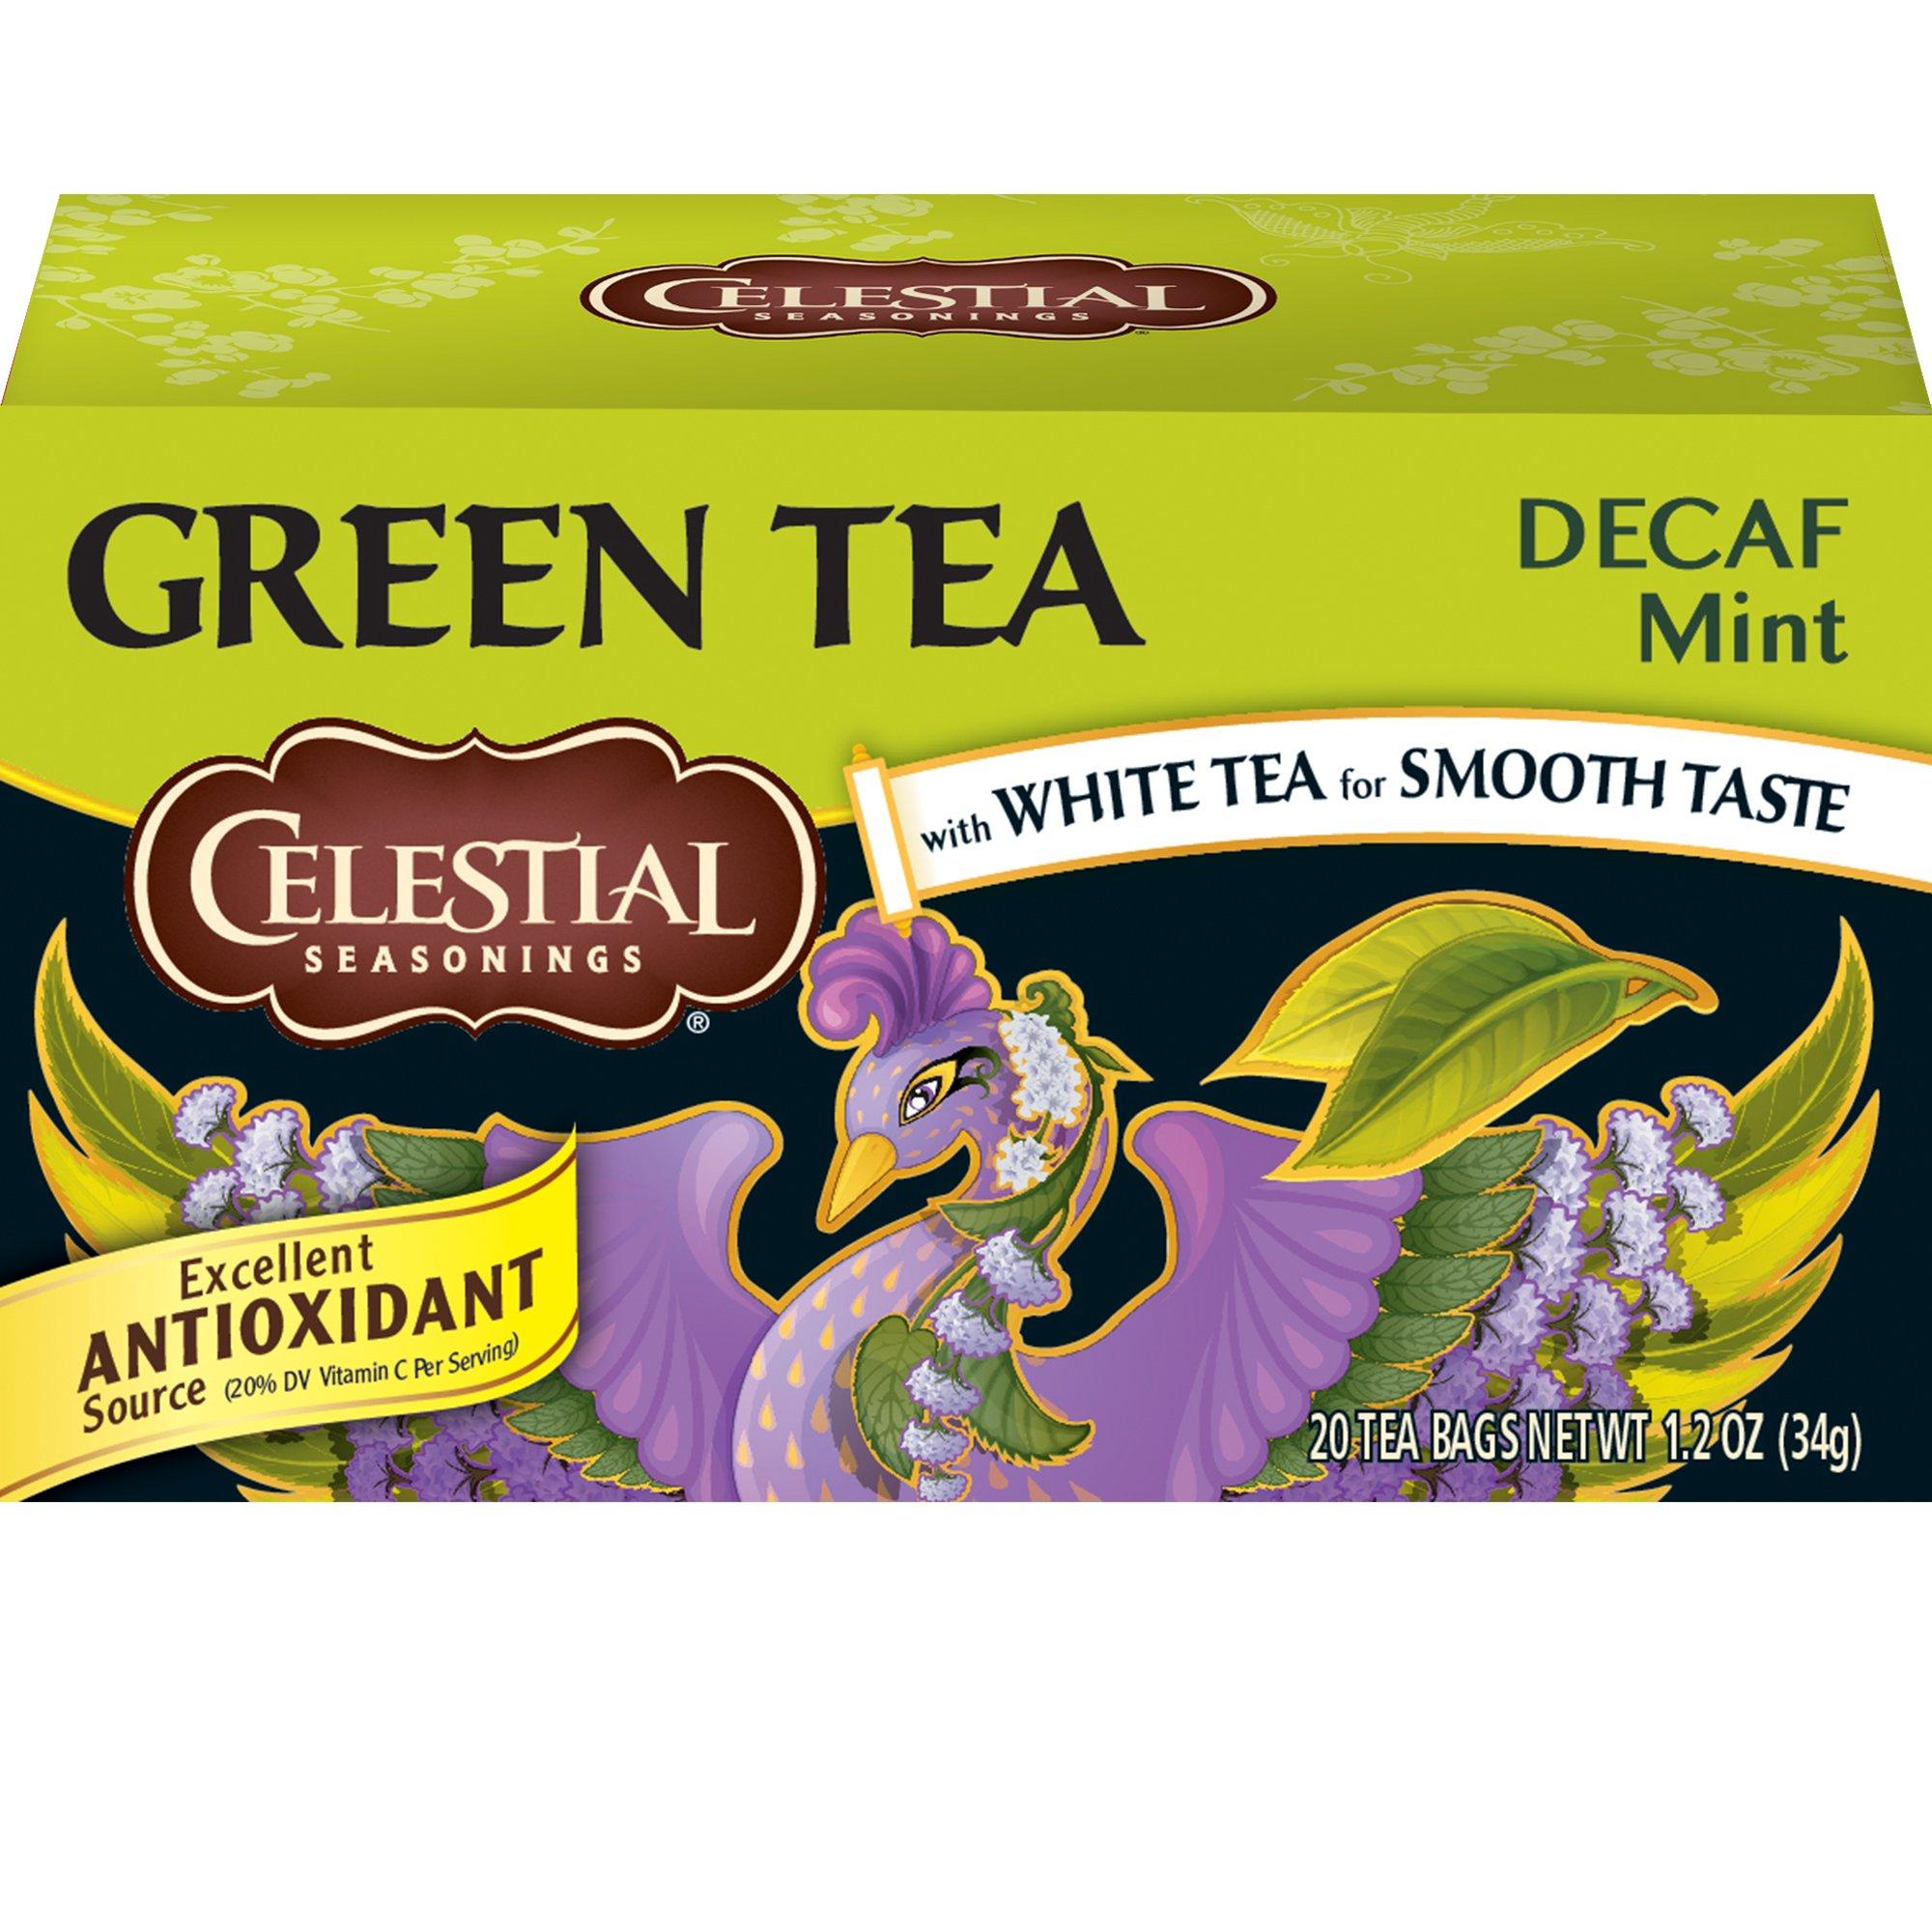 Celestial Seasonings Green Tea, Decaf Mint, 20 Count (Pack of 6)